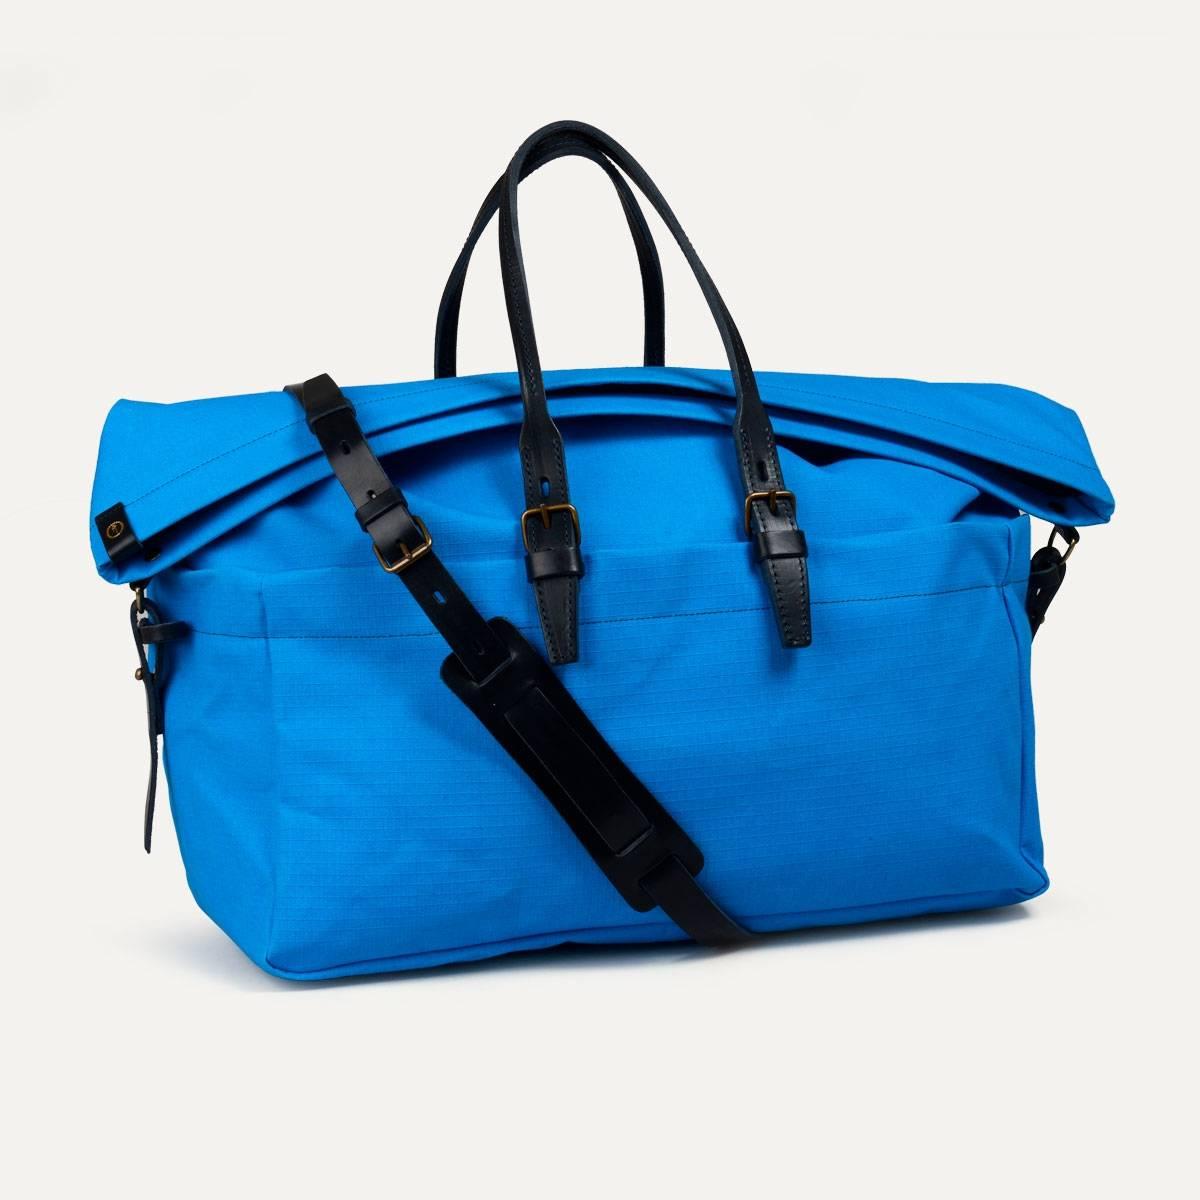 Cabine Travel bag  - Regentex Blue (image n°5)